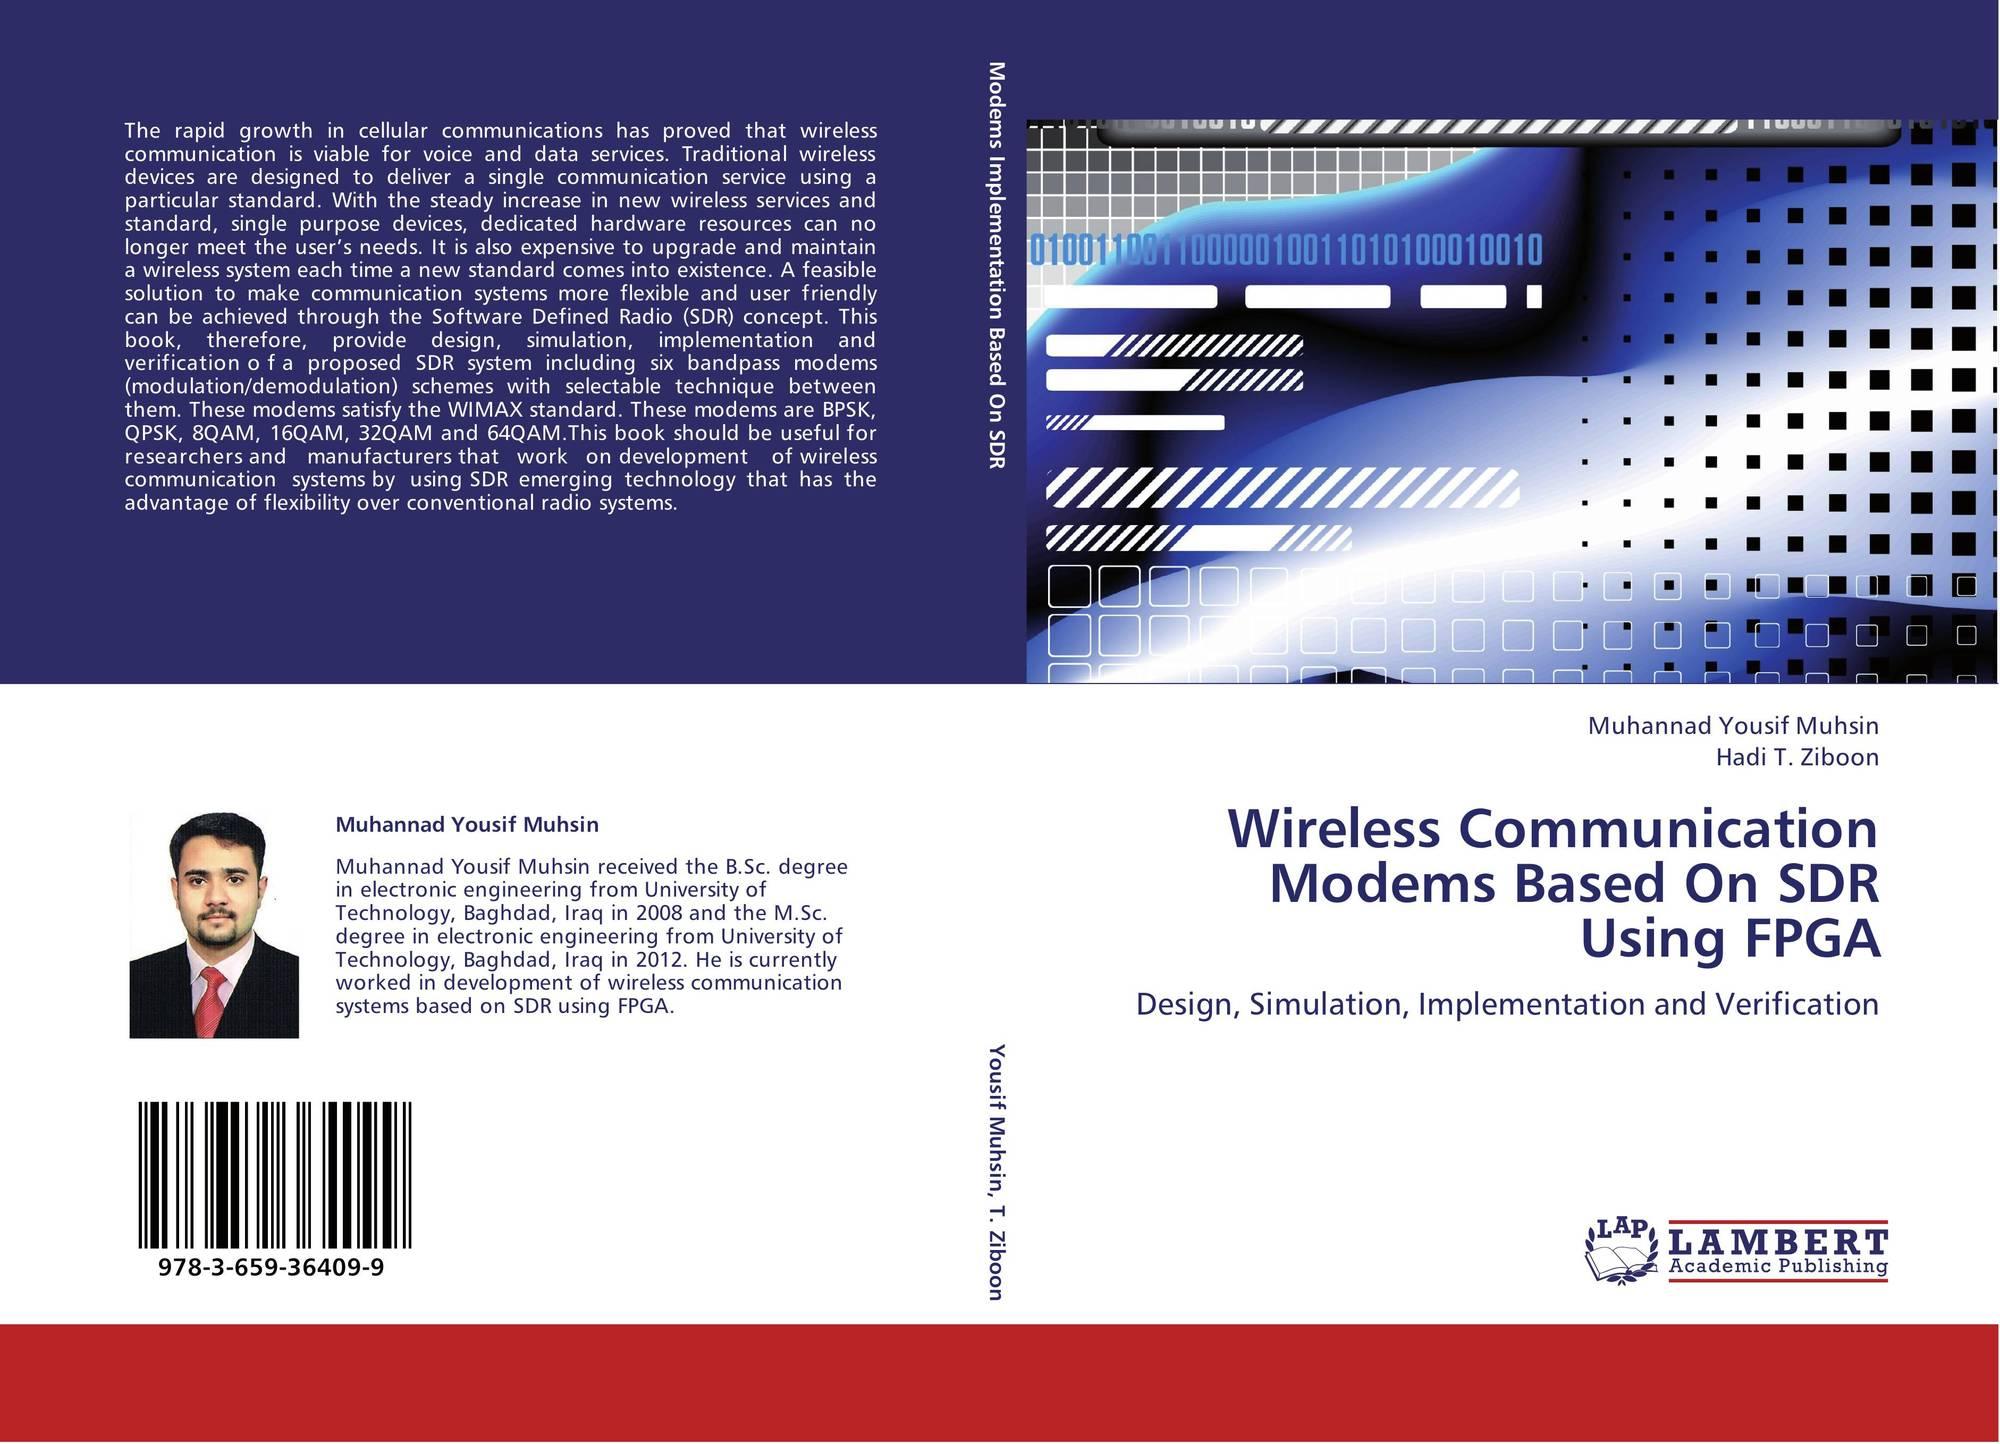 Wireless Communication Modems Based On SDR Using FPGA, 978-3-659